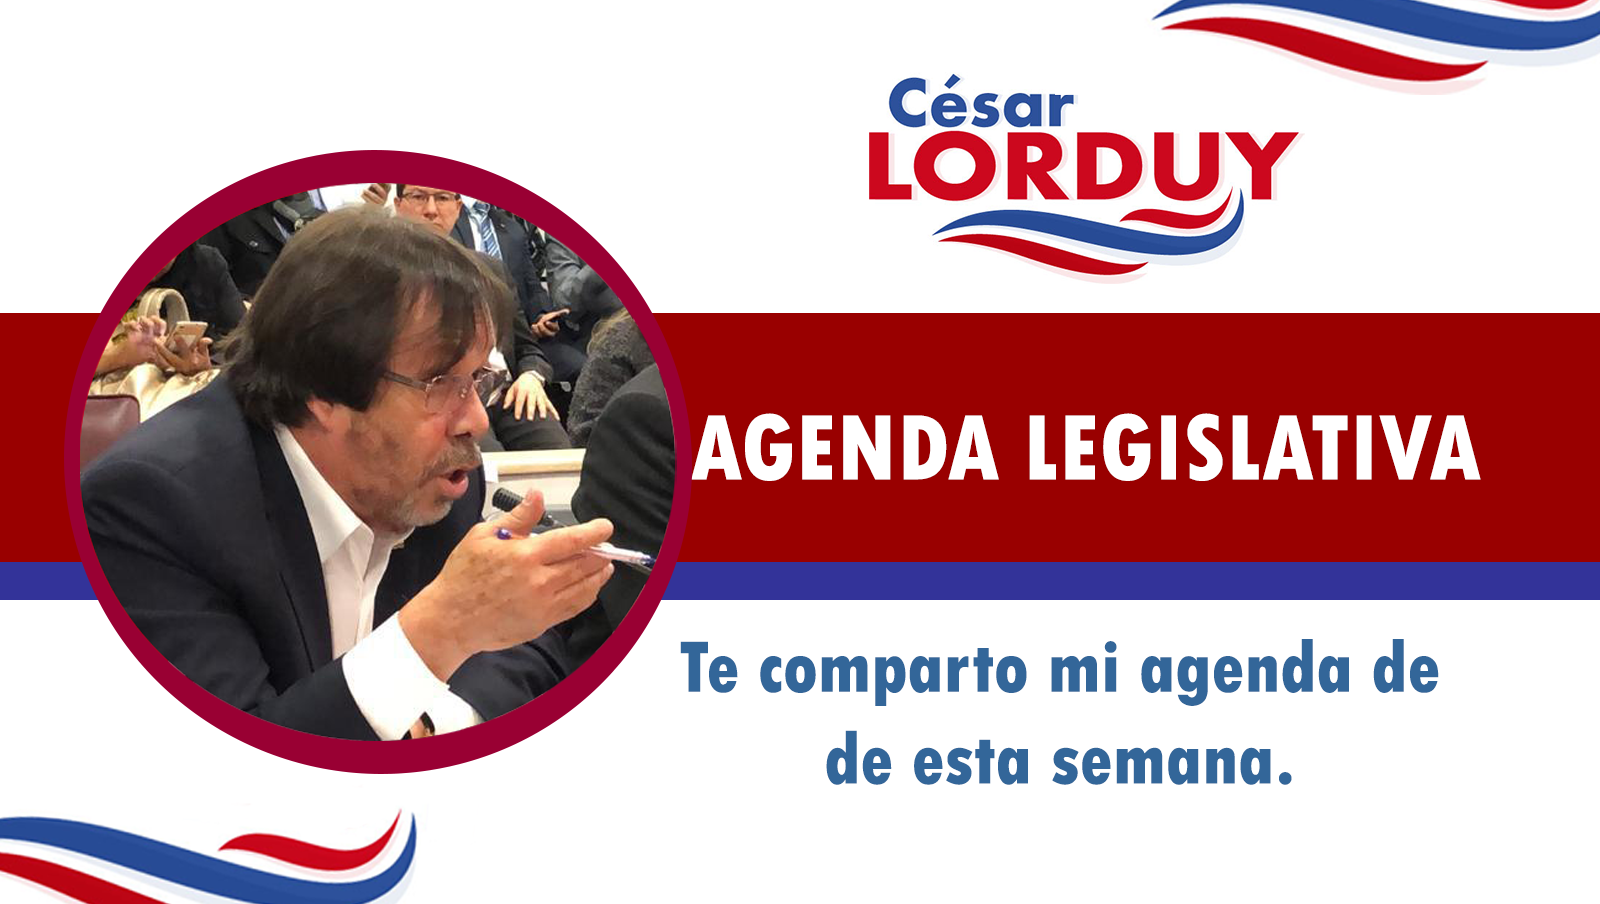 Cesar Lorduy comparte su agenda legislativa en la Cámara de Representantes del 29 de julio al 1 agosto 3